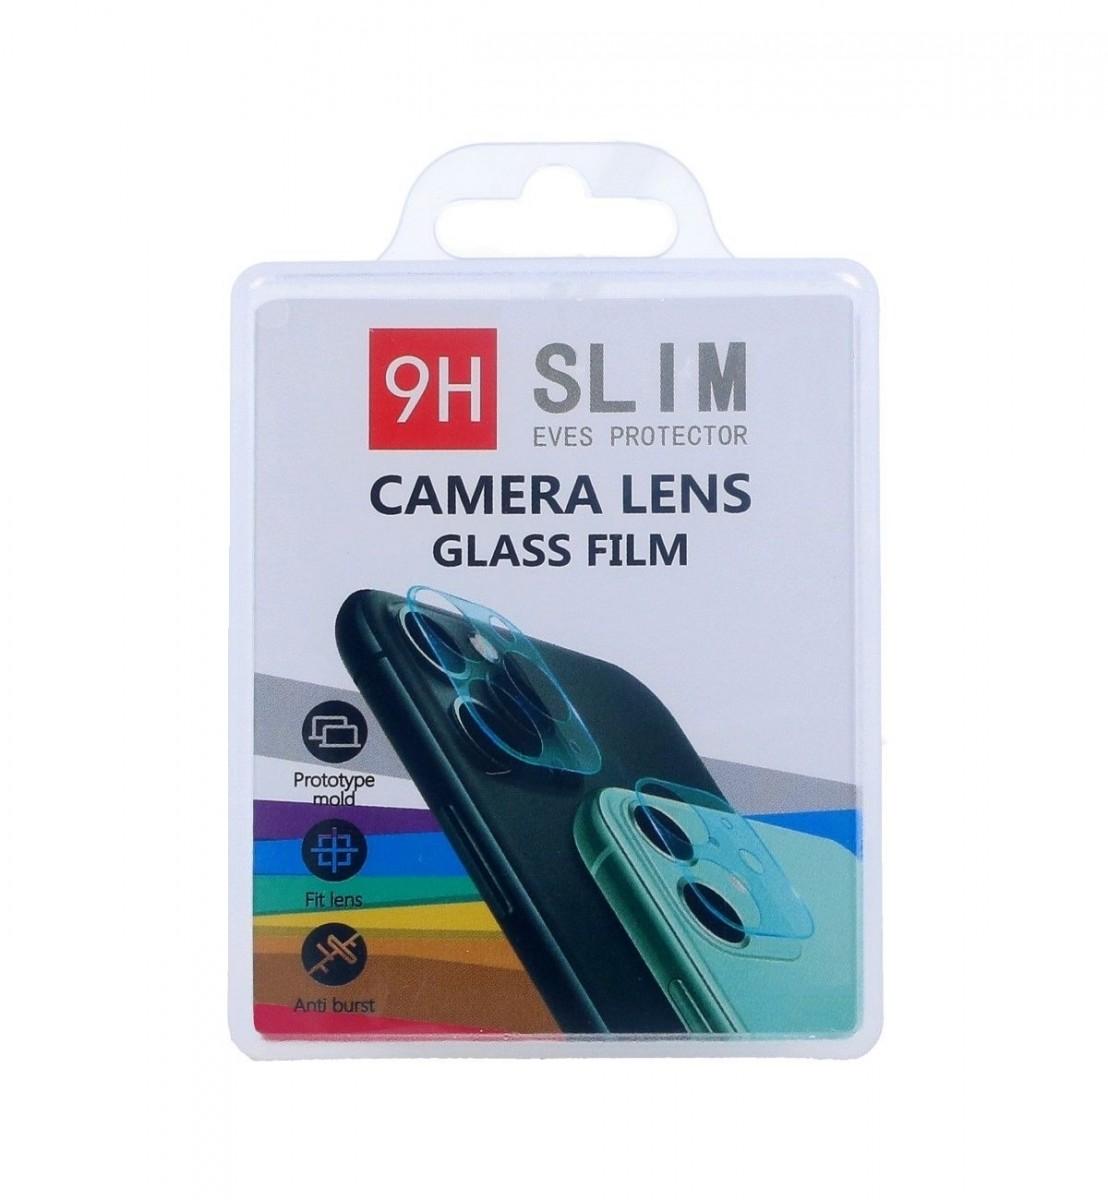 Tvrzené sklo TopQ na zadní fotoaparát iPhone 12 54782 (ochranné sklo na zadní čočku fotoaparátu iPhone 12)